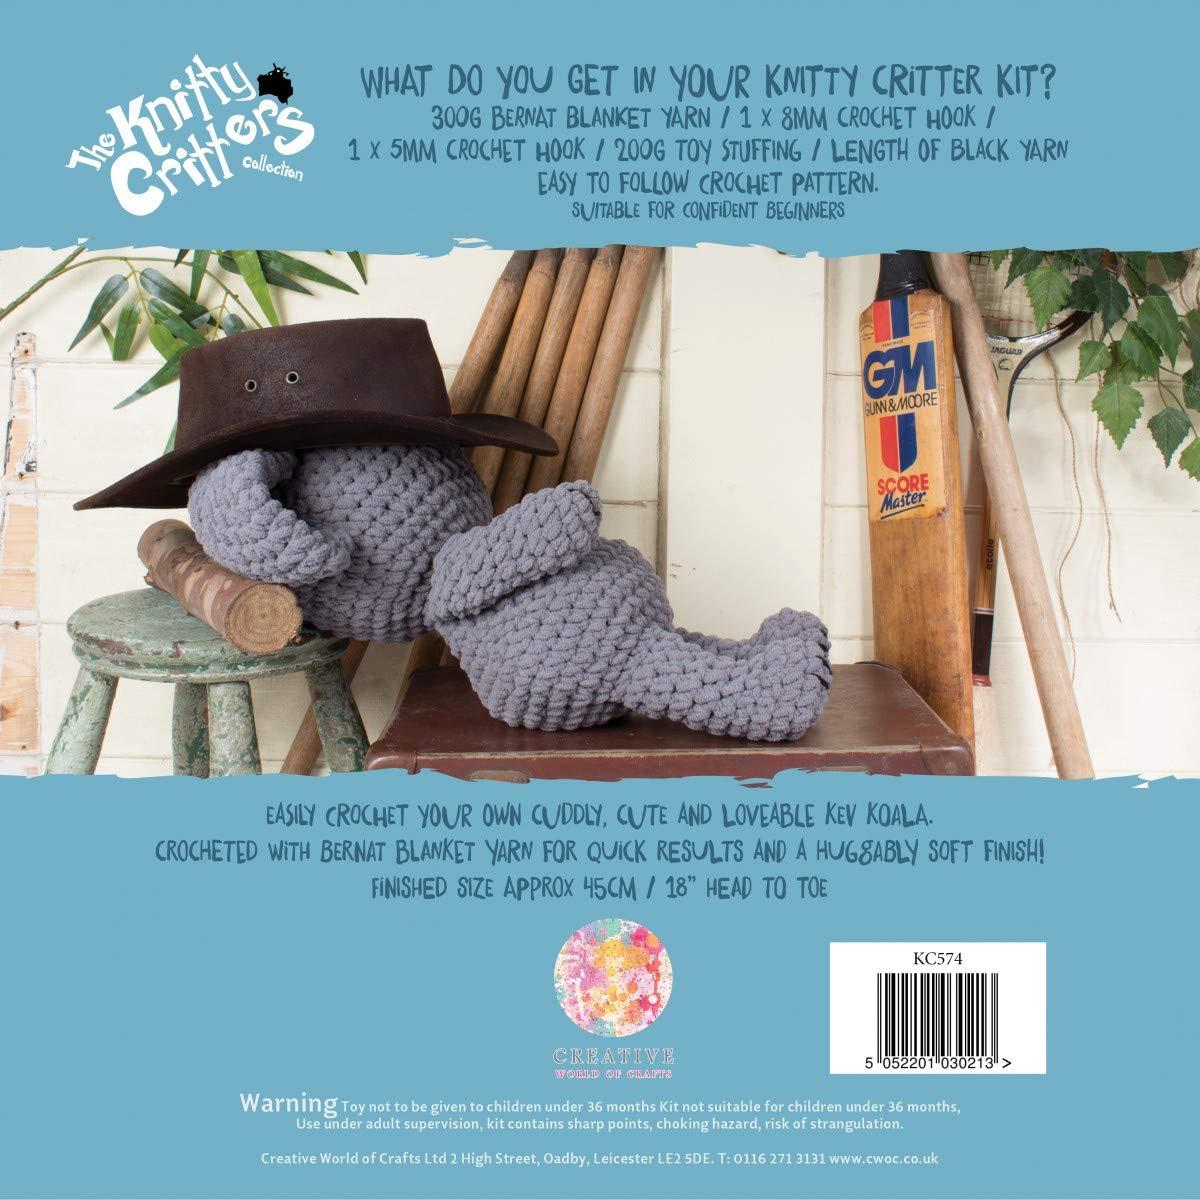 Kev Koala Knitty Critters